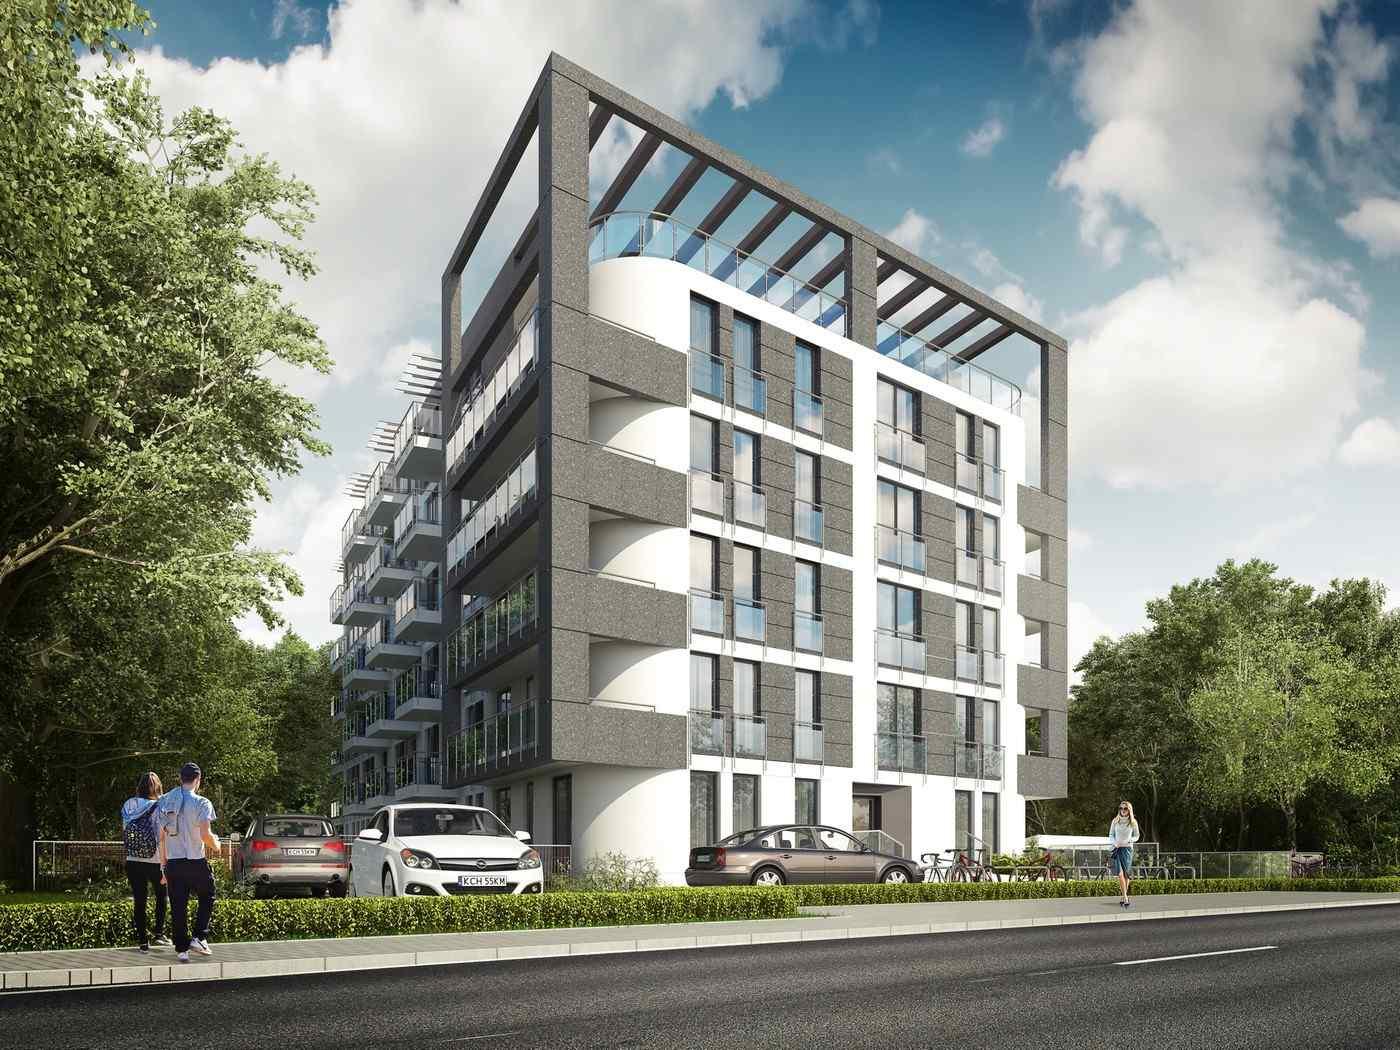 Nowe mieszkanie Kraków 55.96m2, mieszkanie na sprzedaż